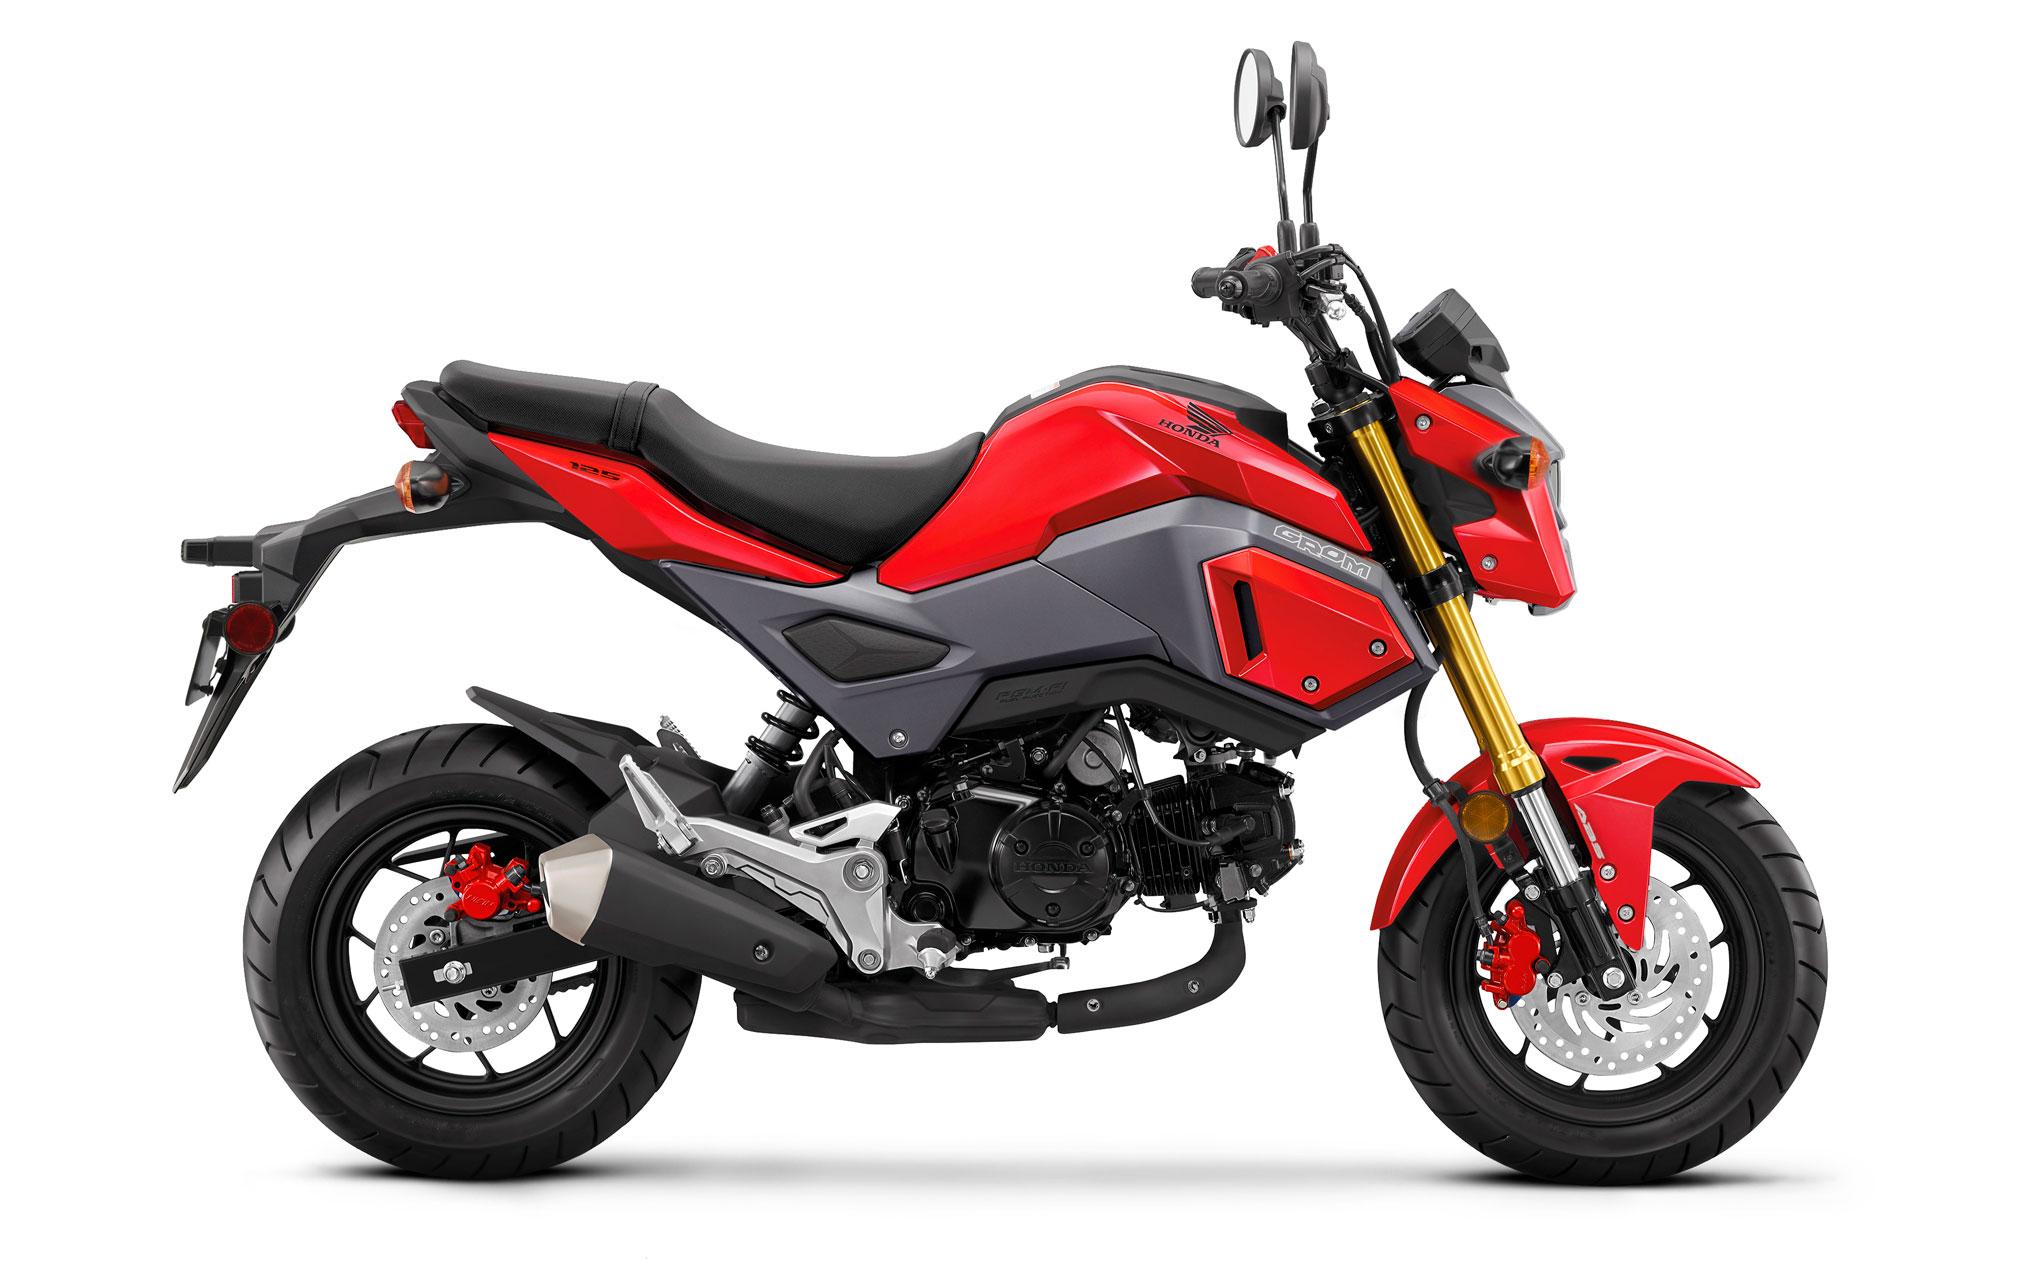 Honda-msx-125-Grom-kırmızı